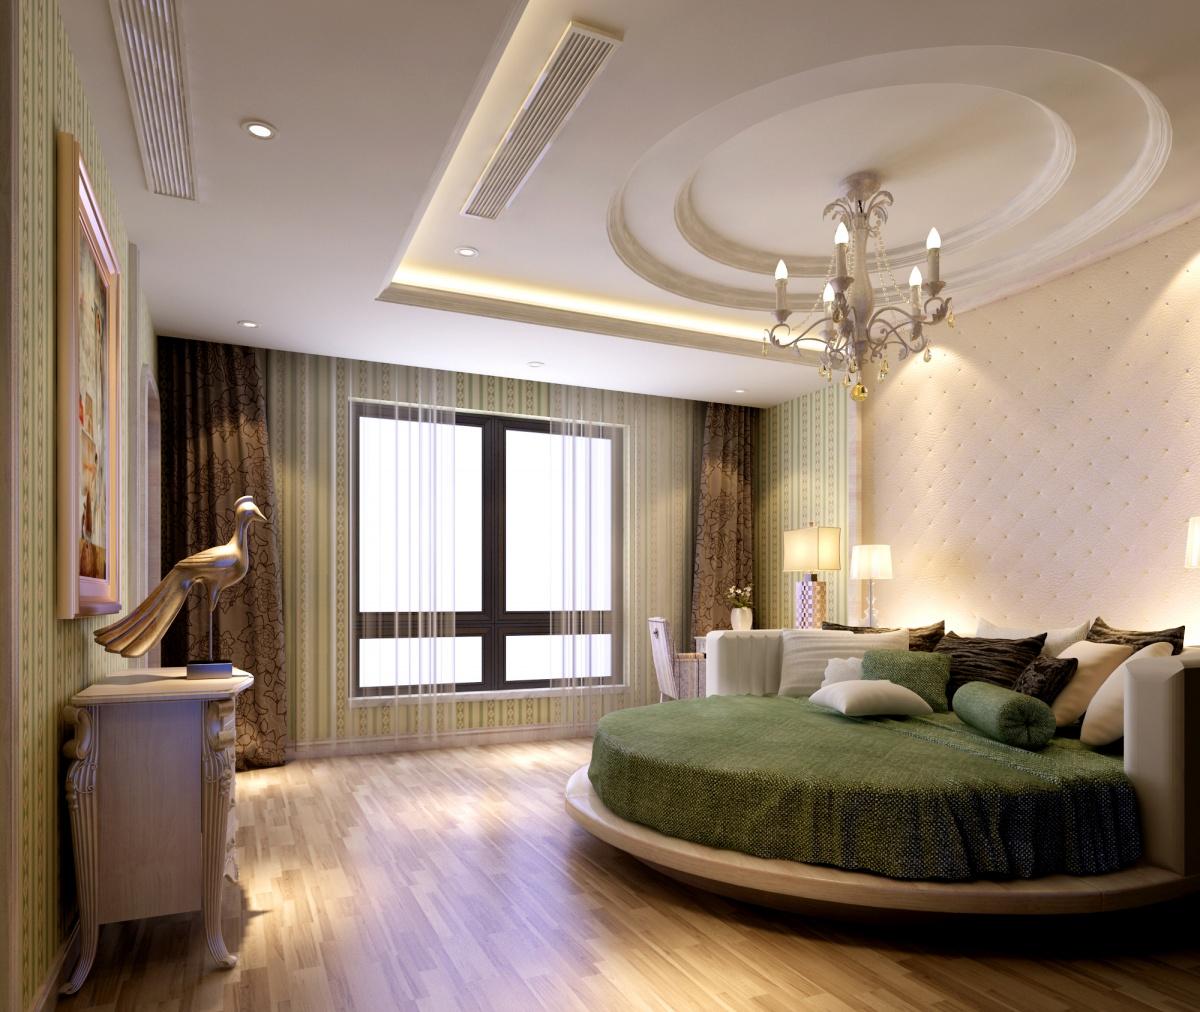 圆形卧室吊顶装修效果图装修效果图